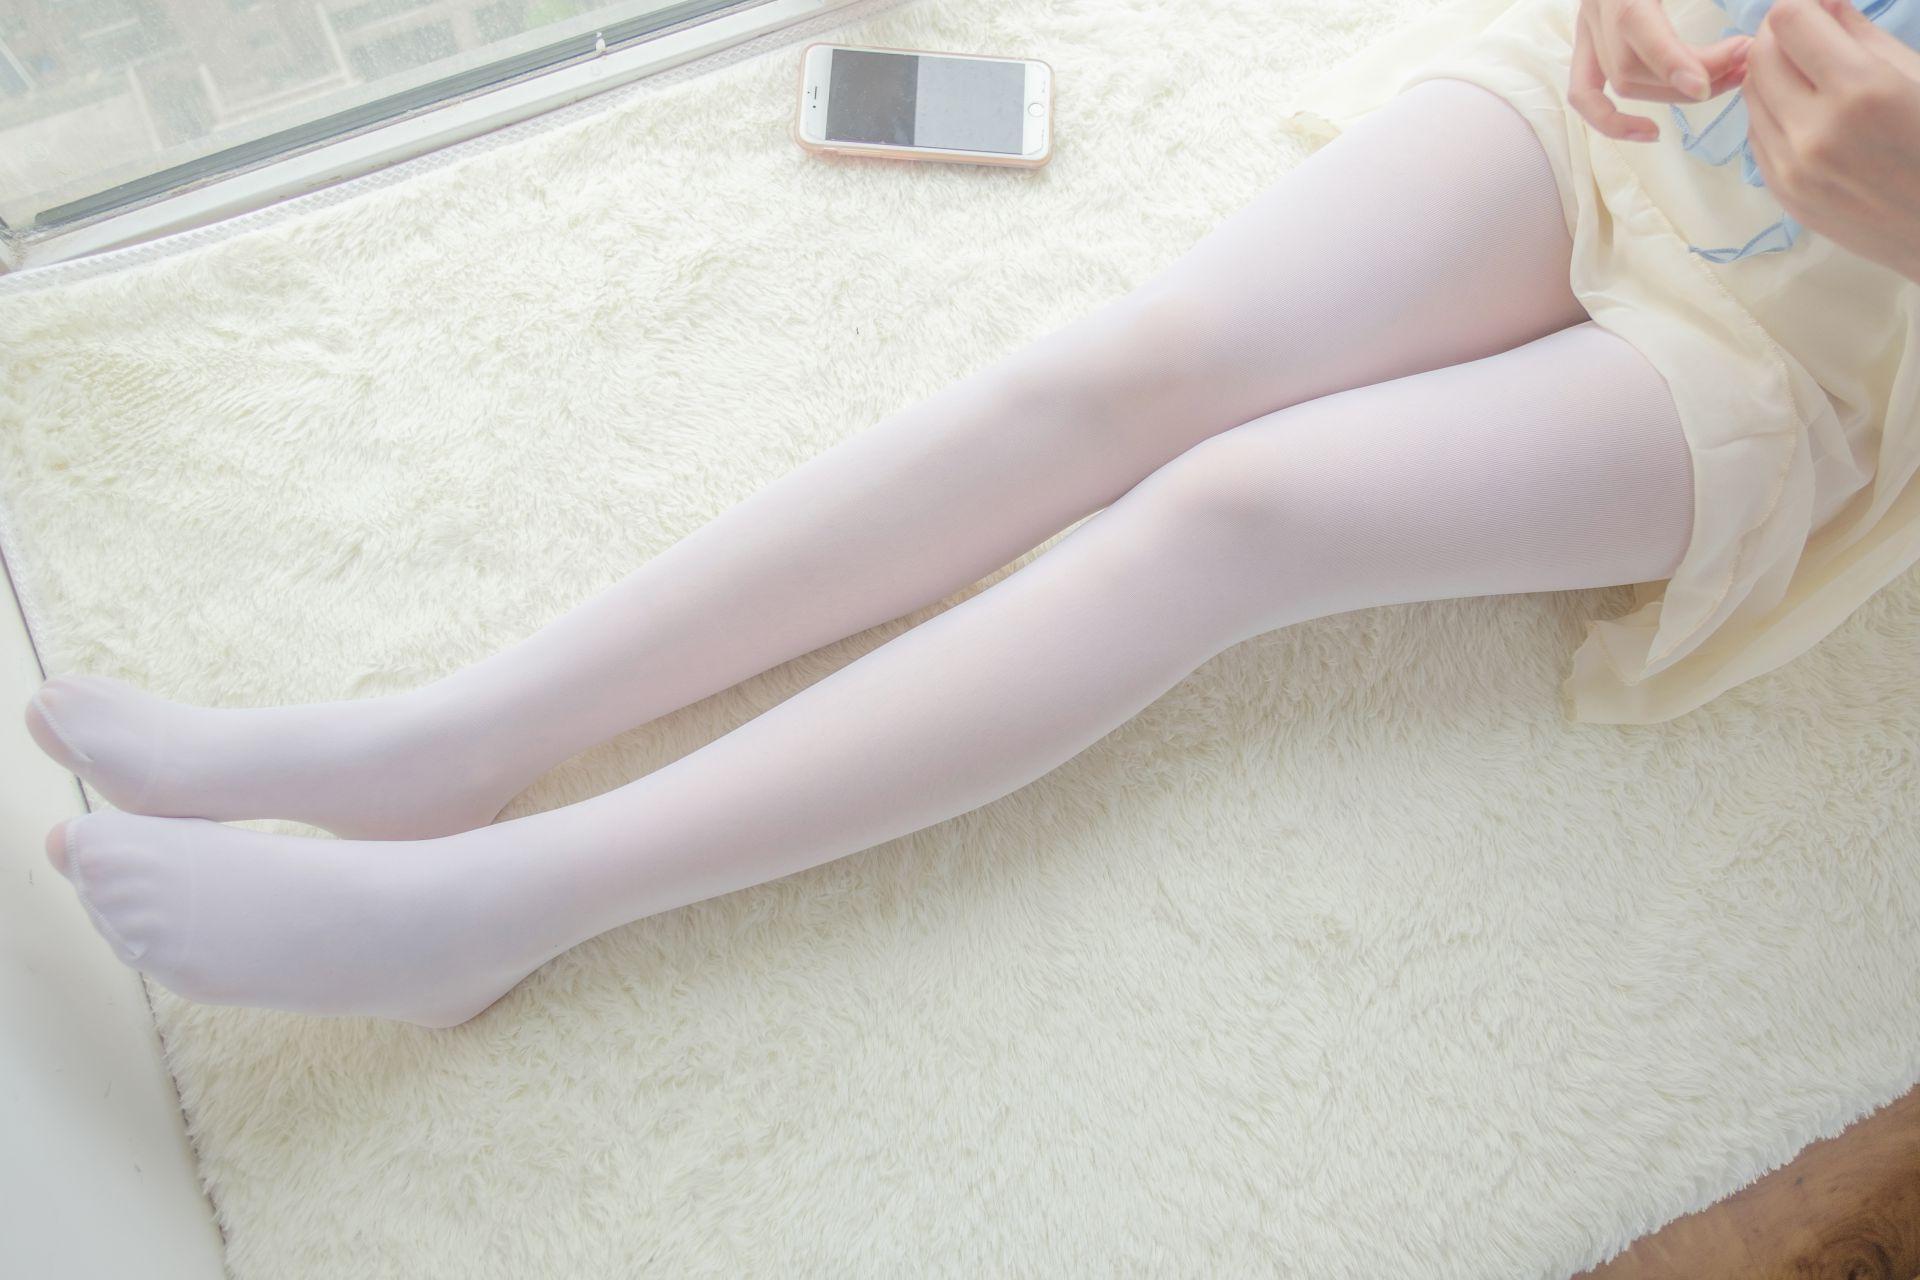 【森萝财团】森萝财团写真 - R15-007 窗台上的薄纱少女 [83P-520MB] R15系列 第2张